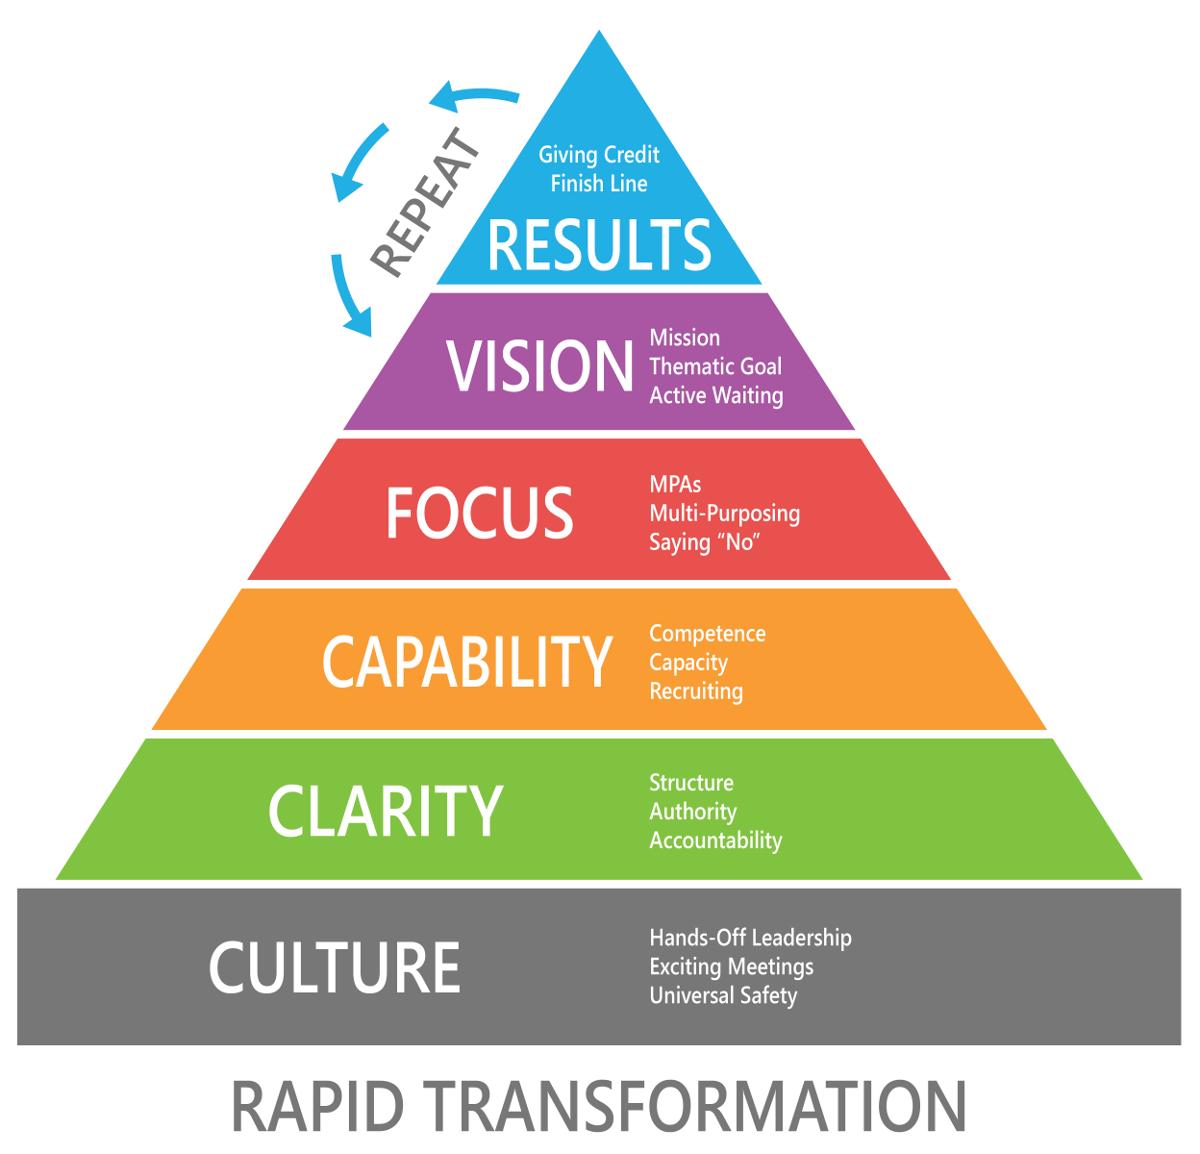 enjoy rapid culture change that lasts